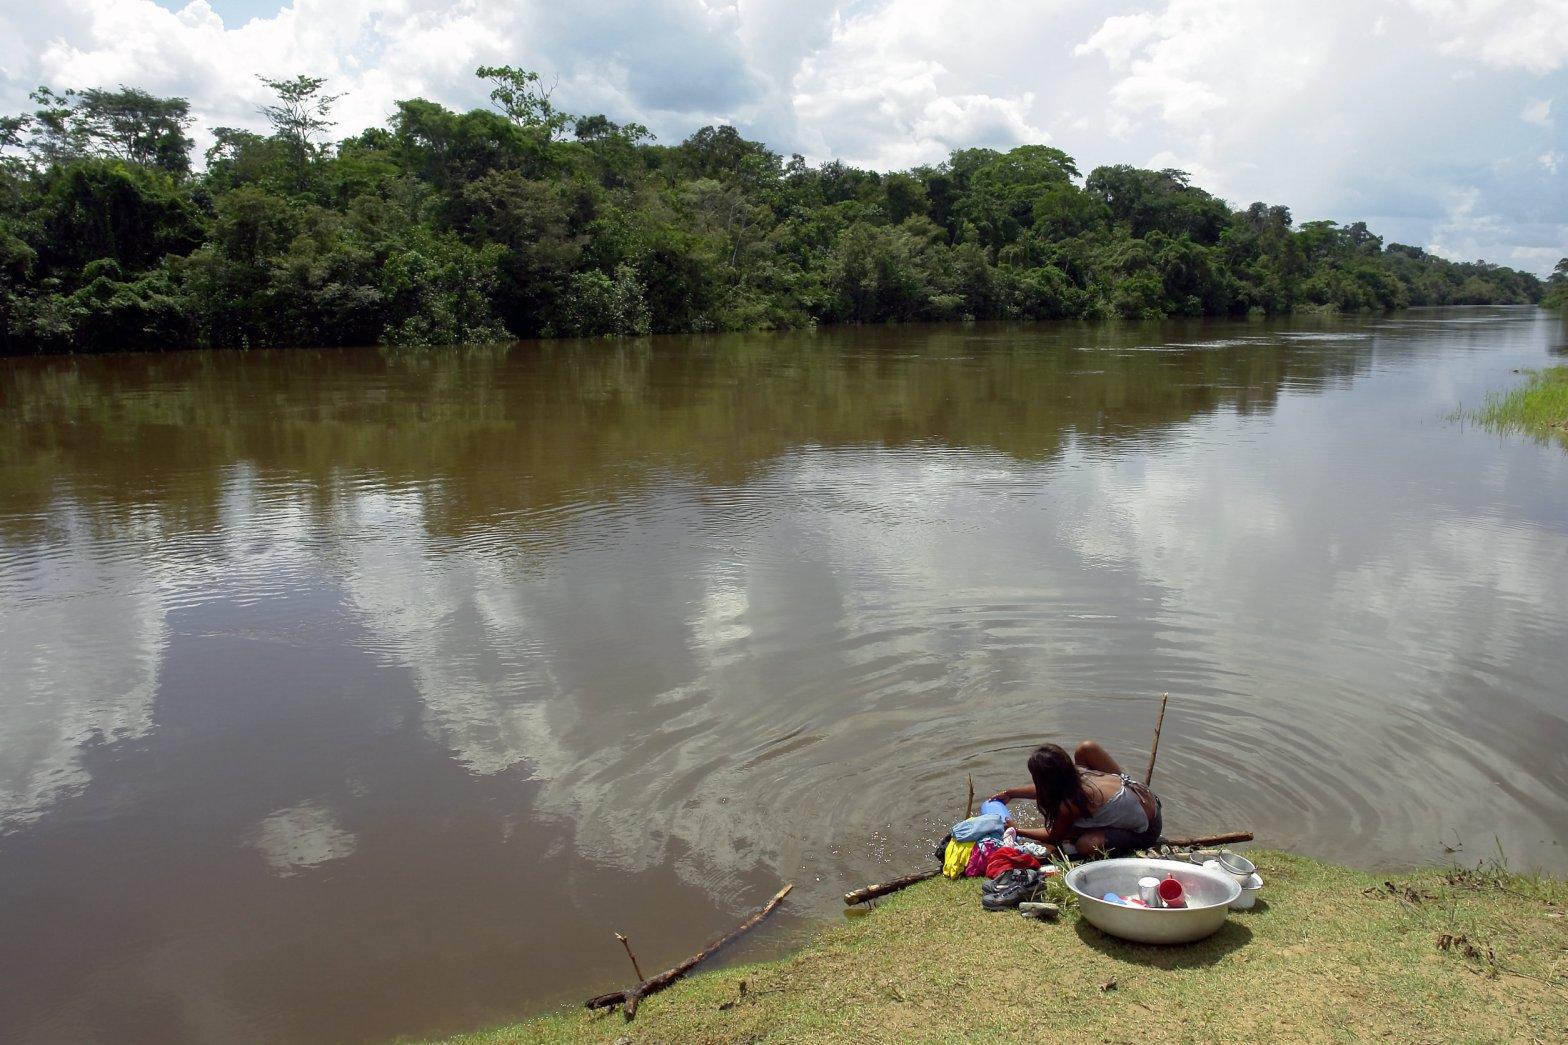 Paraguay violó el derecho de los pueblos indígenas al no prevenir la contaminación ambiental de sus tierras